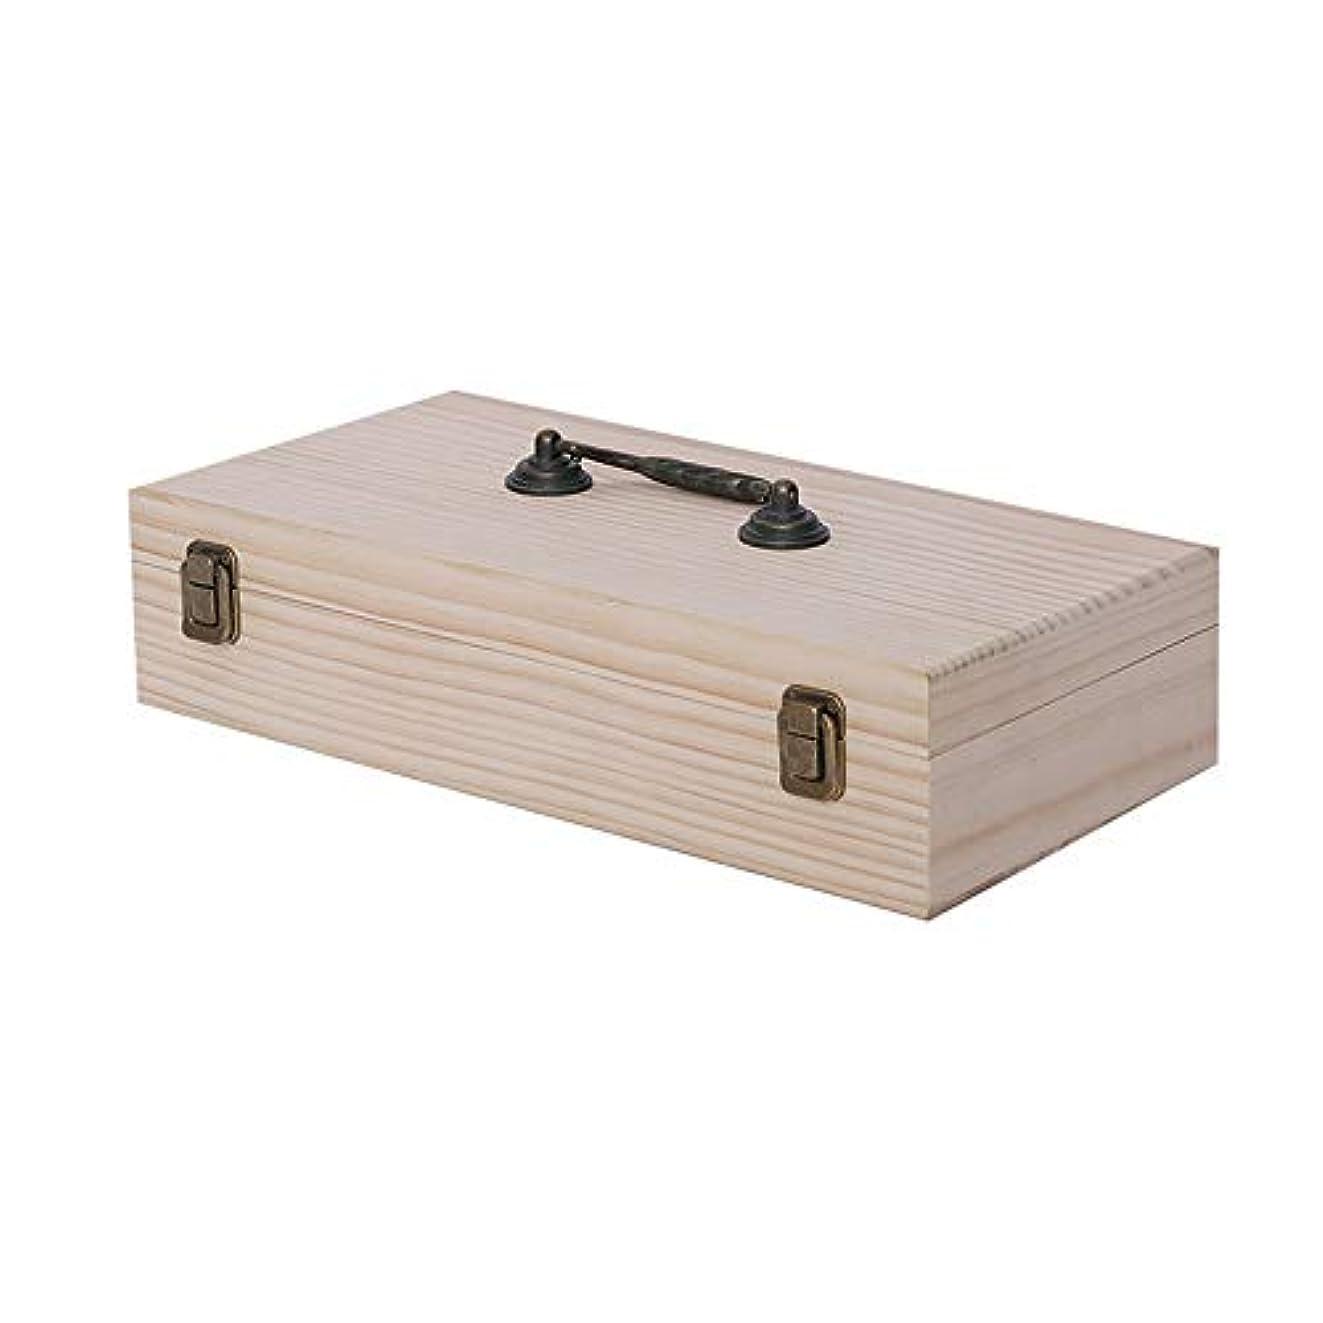 頭痛音節実際に46スロット木エッセンシャルオイルボックス収納ディスプレイの旅行プレゼンテーション用ケースオーガナイザーホルダーキャリーは、エレガントな装飾的なデザインでは5〜15ミリリットルボトルを保護します アロマセラピー製品 (色...